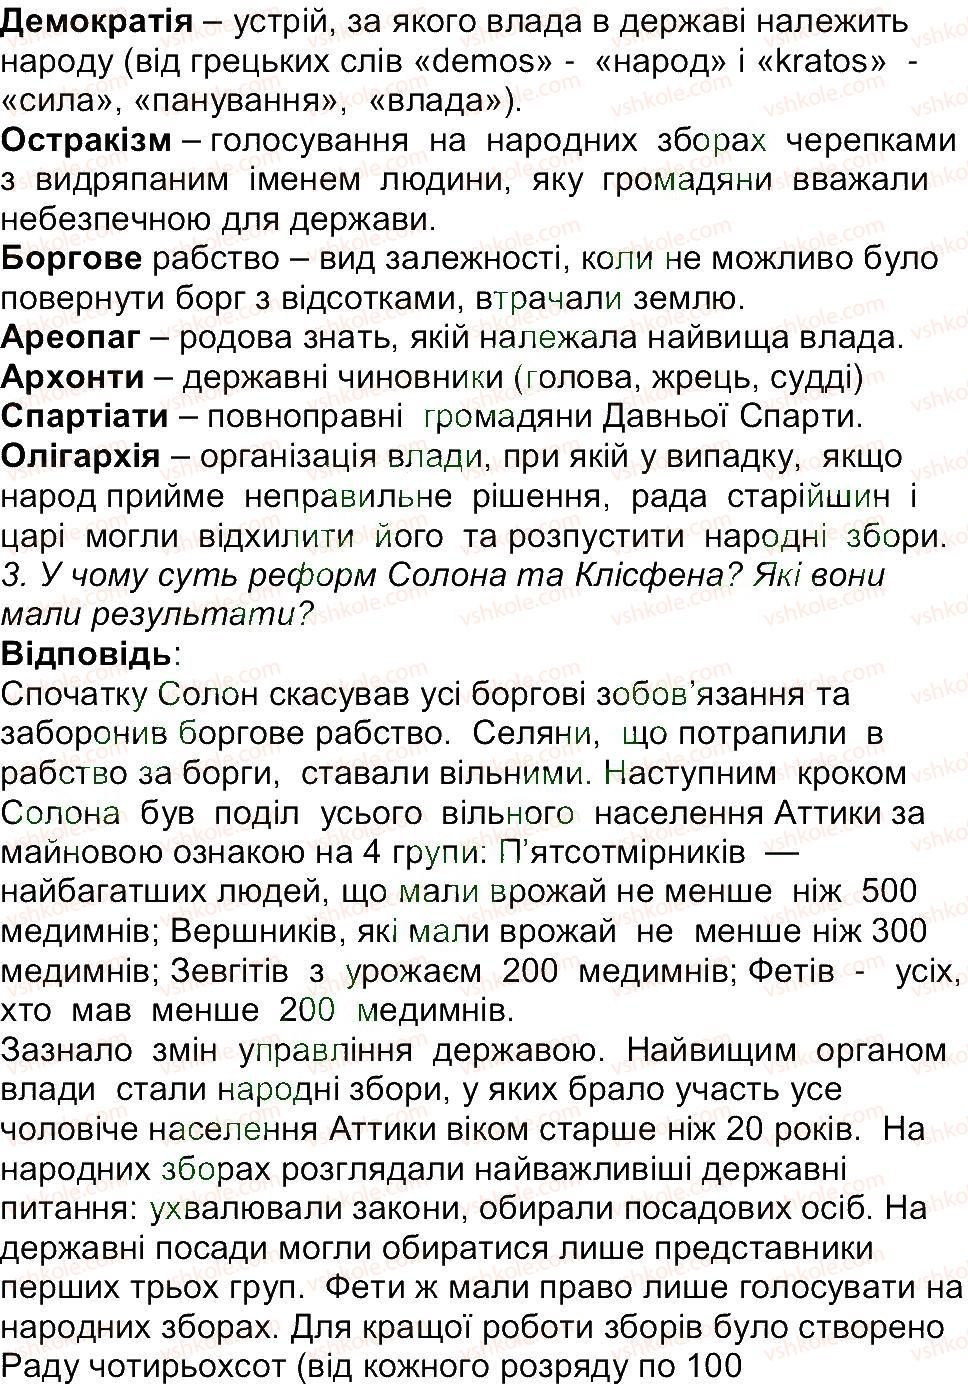 6-istoriya-og-bandrovskij-vs-vlasov-2014--storinki-143200-152-rnd5894.jpg